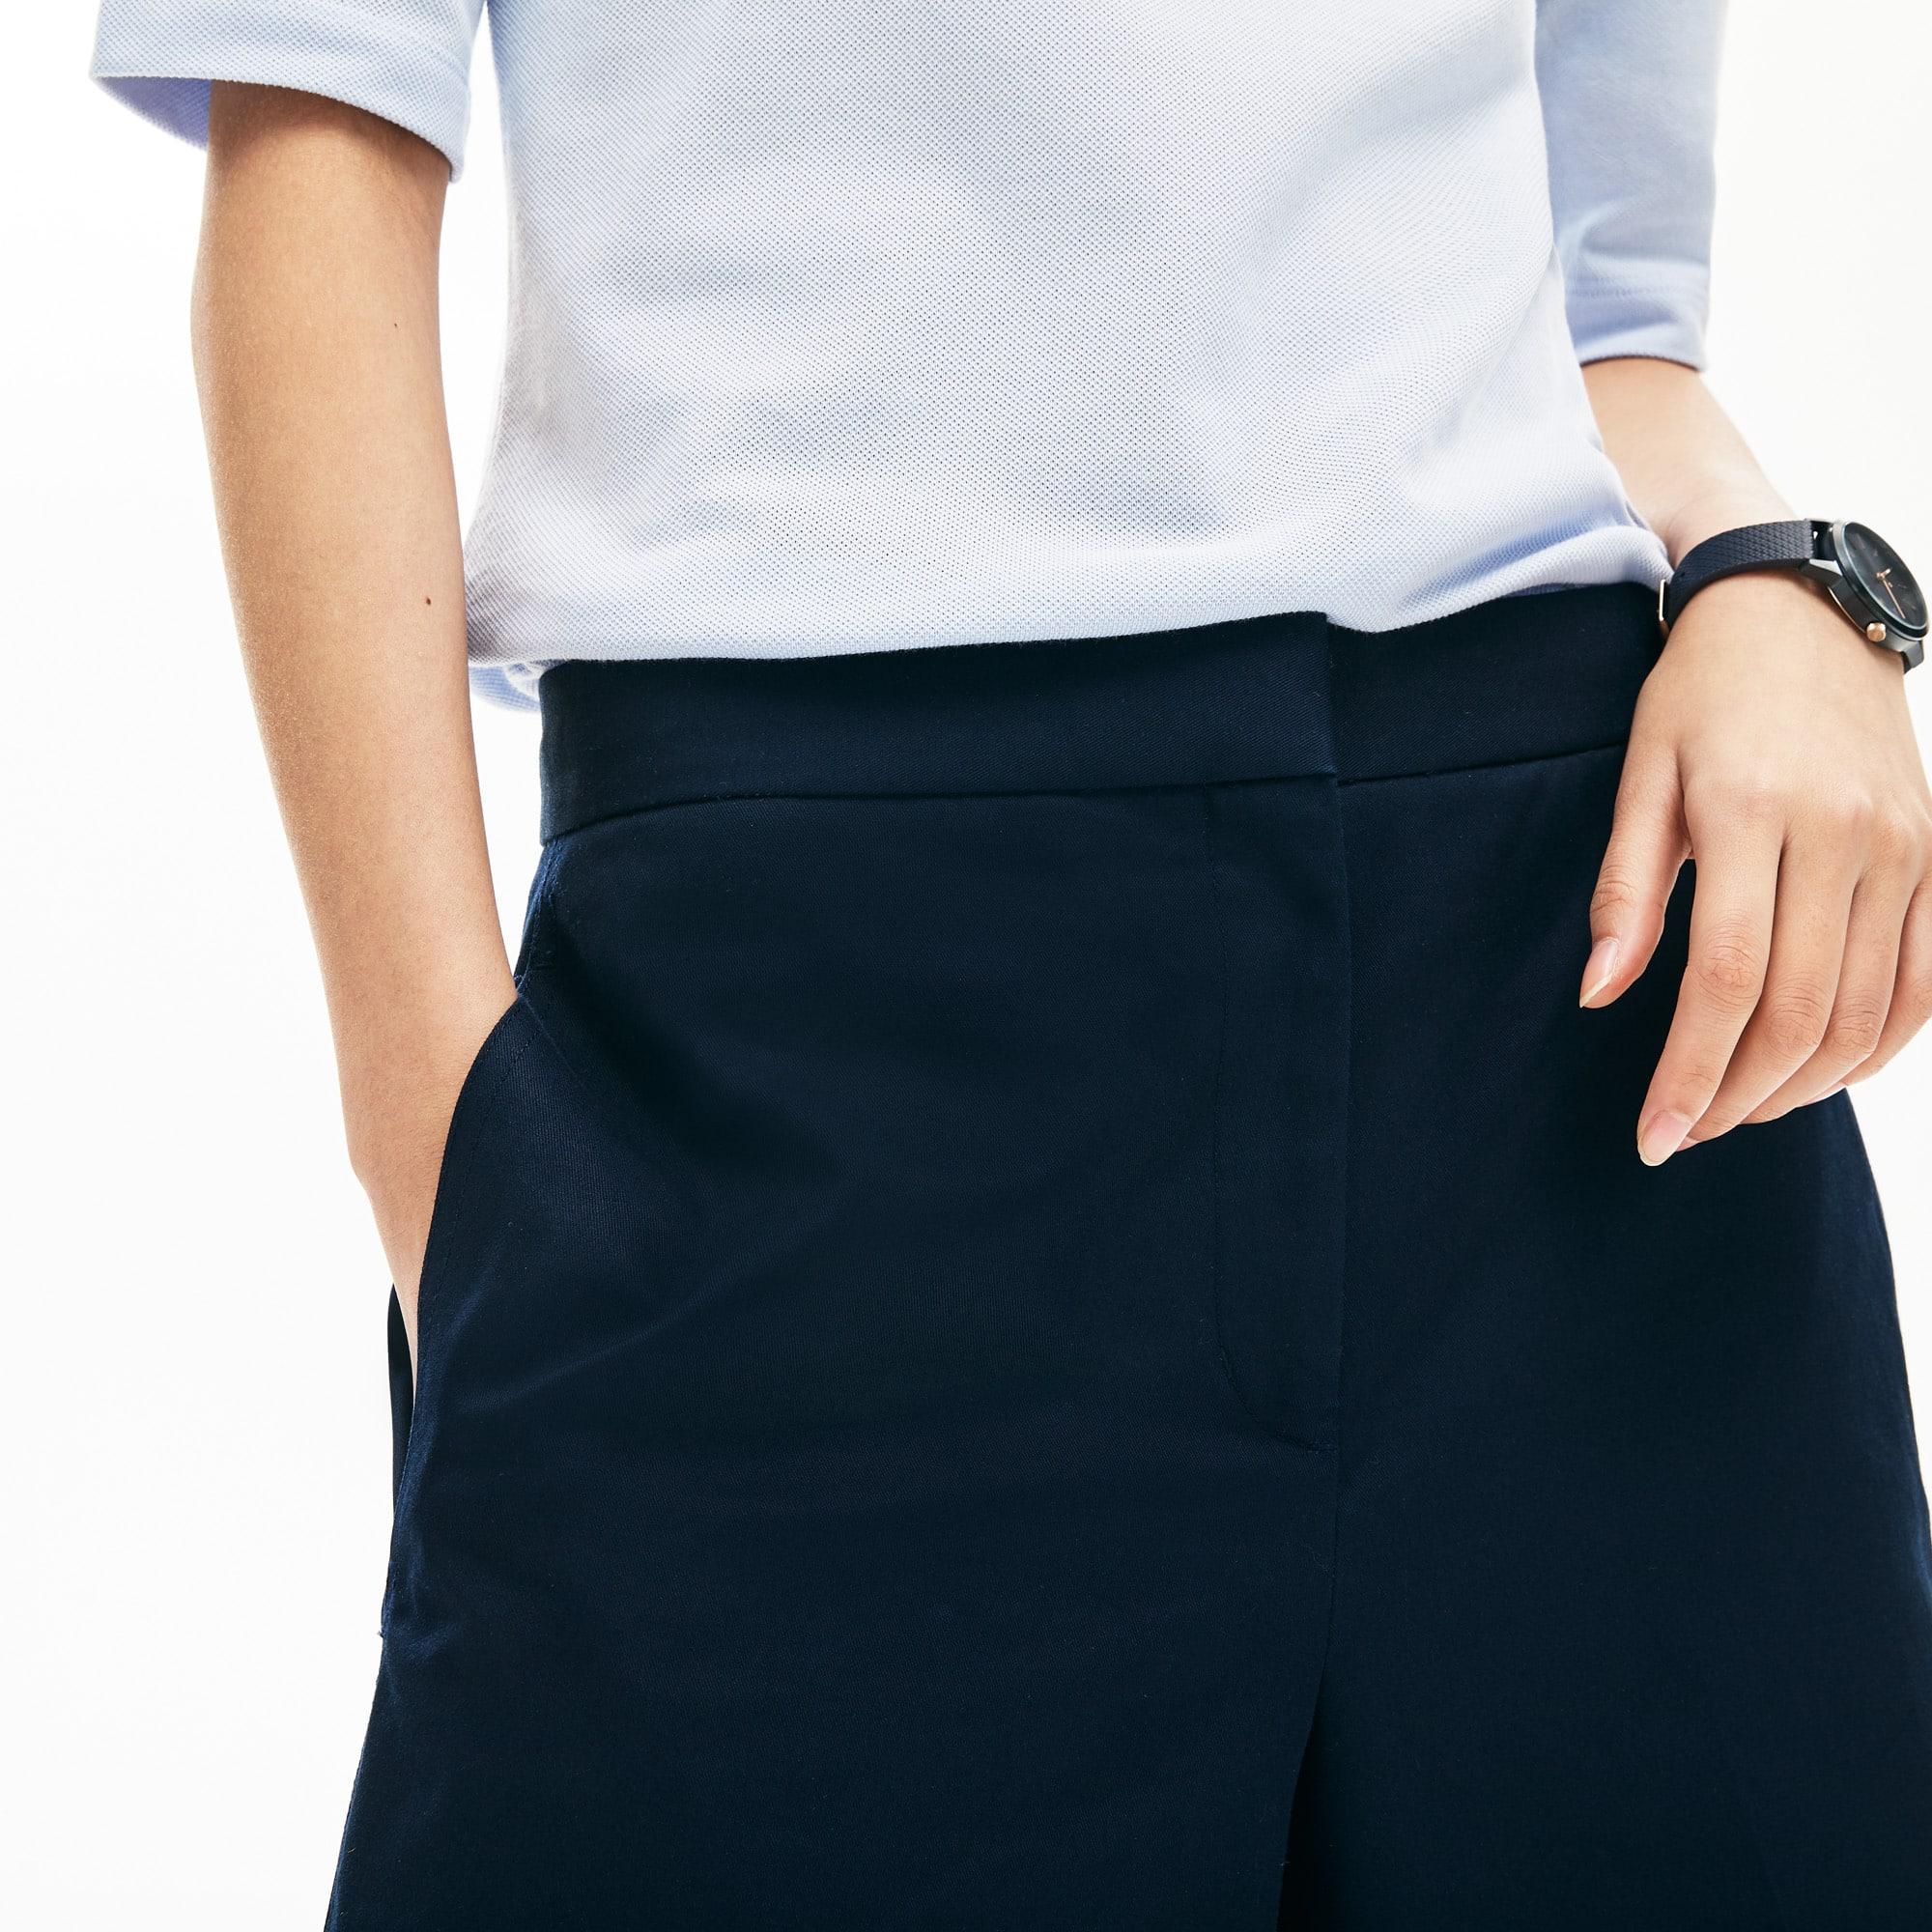 Lacoste Underwear Girls H/üftslip Pants